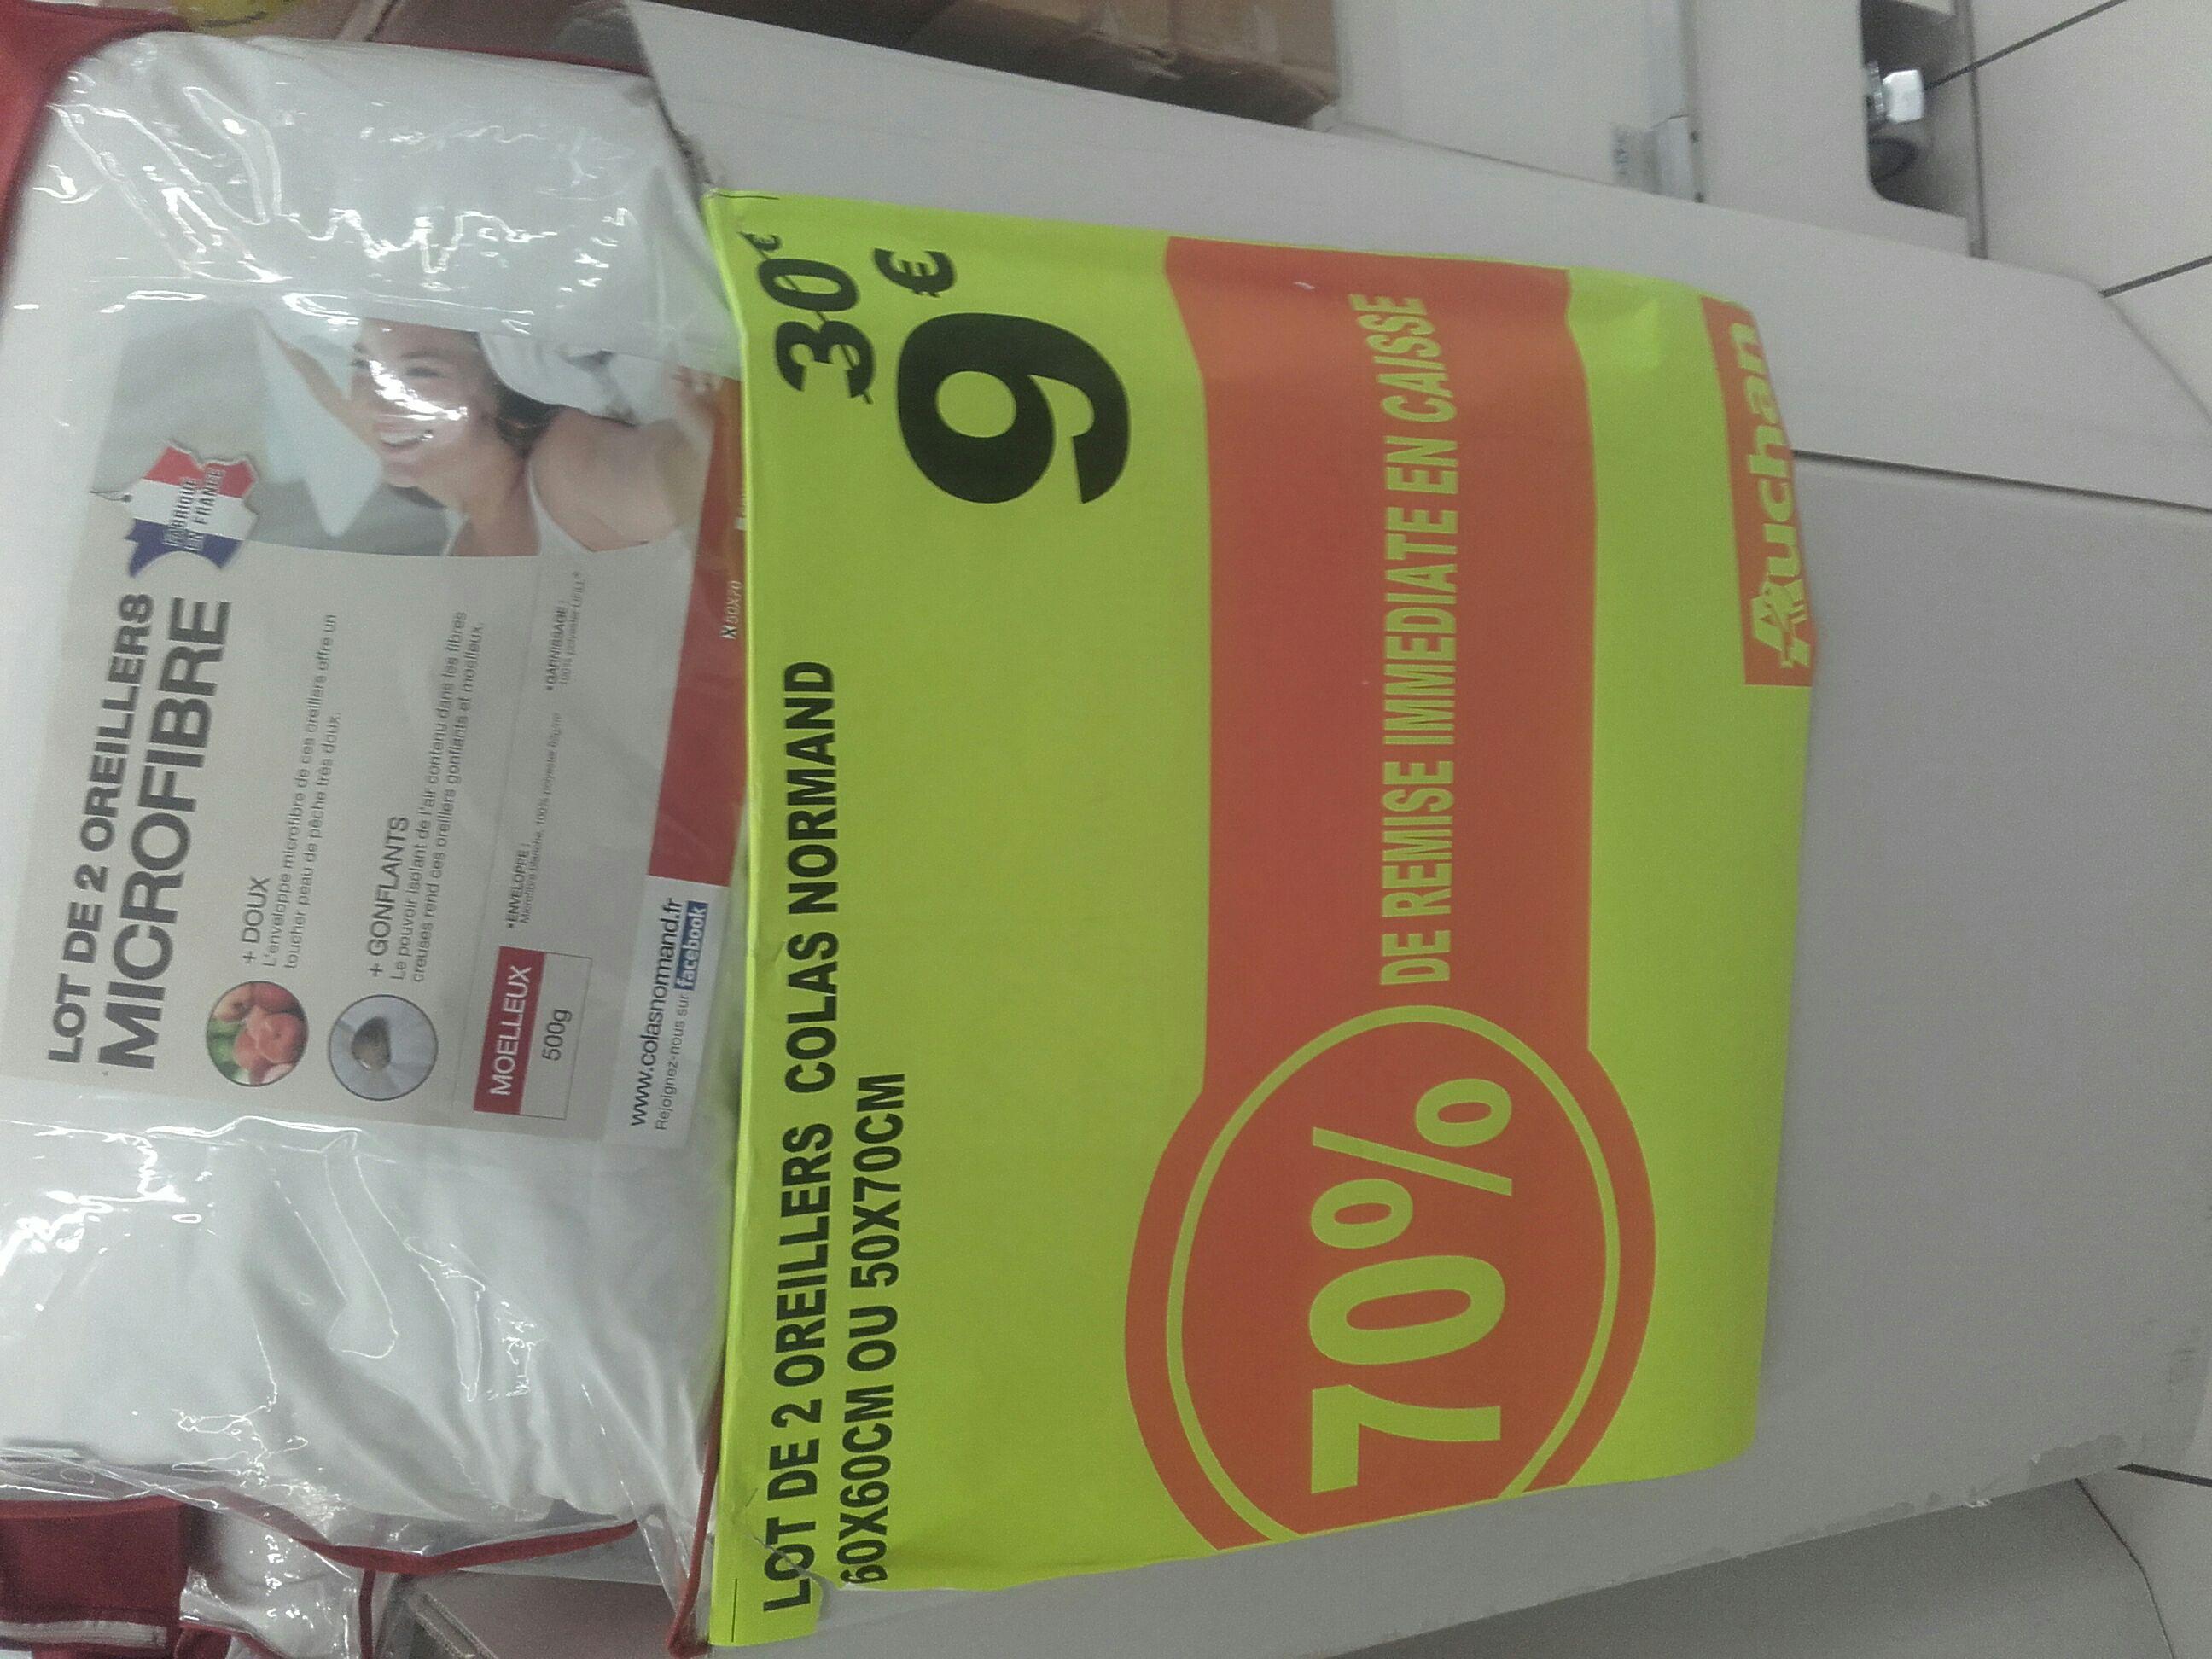 Sélection de produits Colas Normand en promotion jusqu'à -70% - Ex : lot de 2 oreillers en microfibre 60×60 ou 50x70 fabriqué en France - Auchan Neuilly-sur-Marne (94)